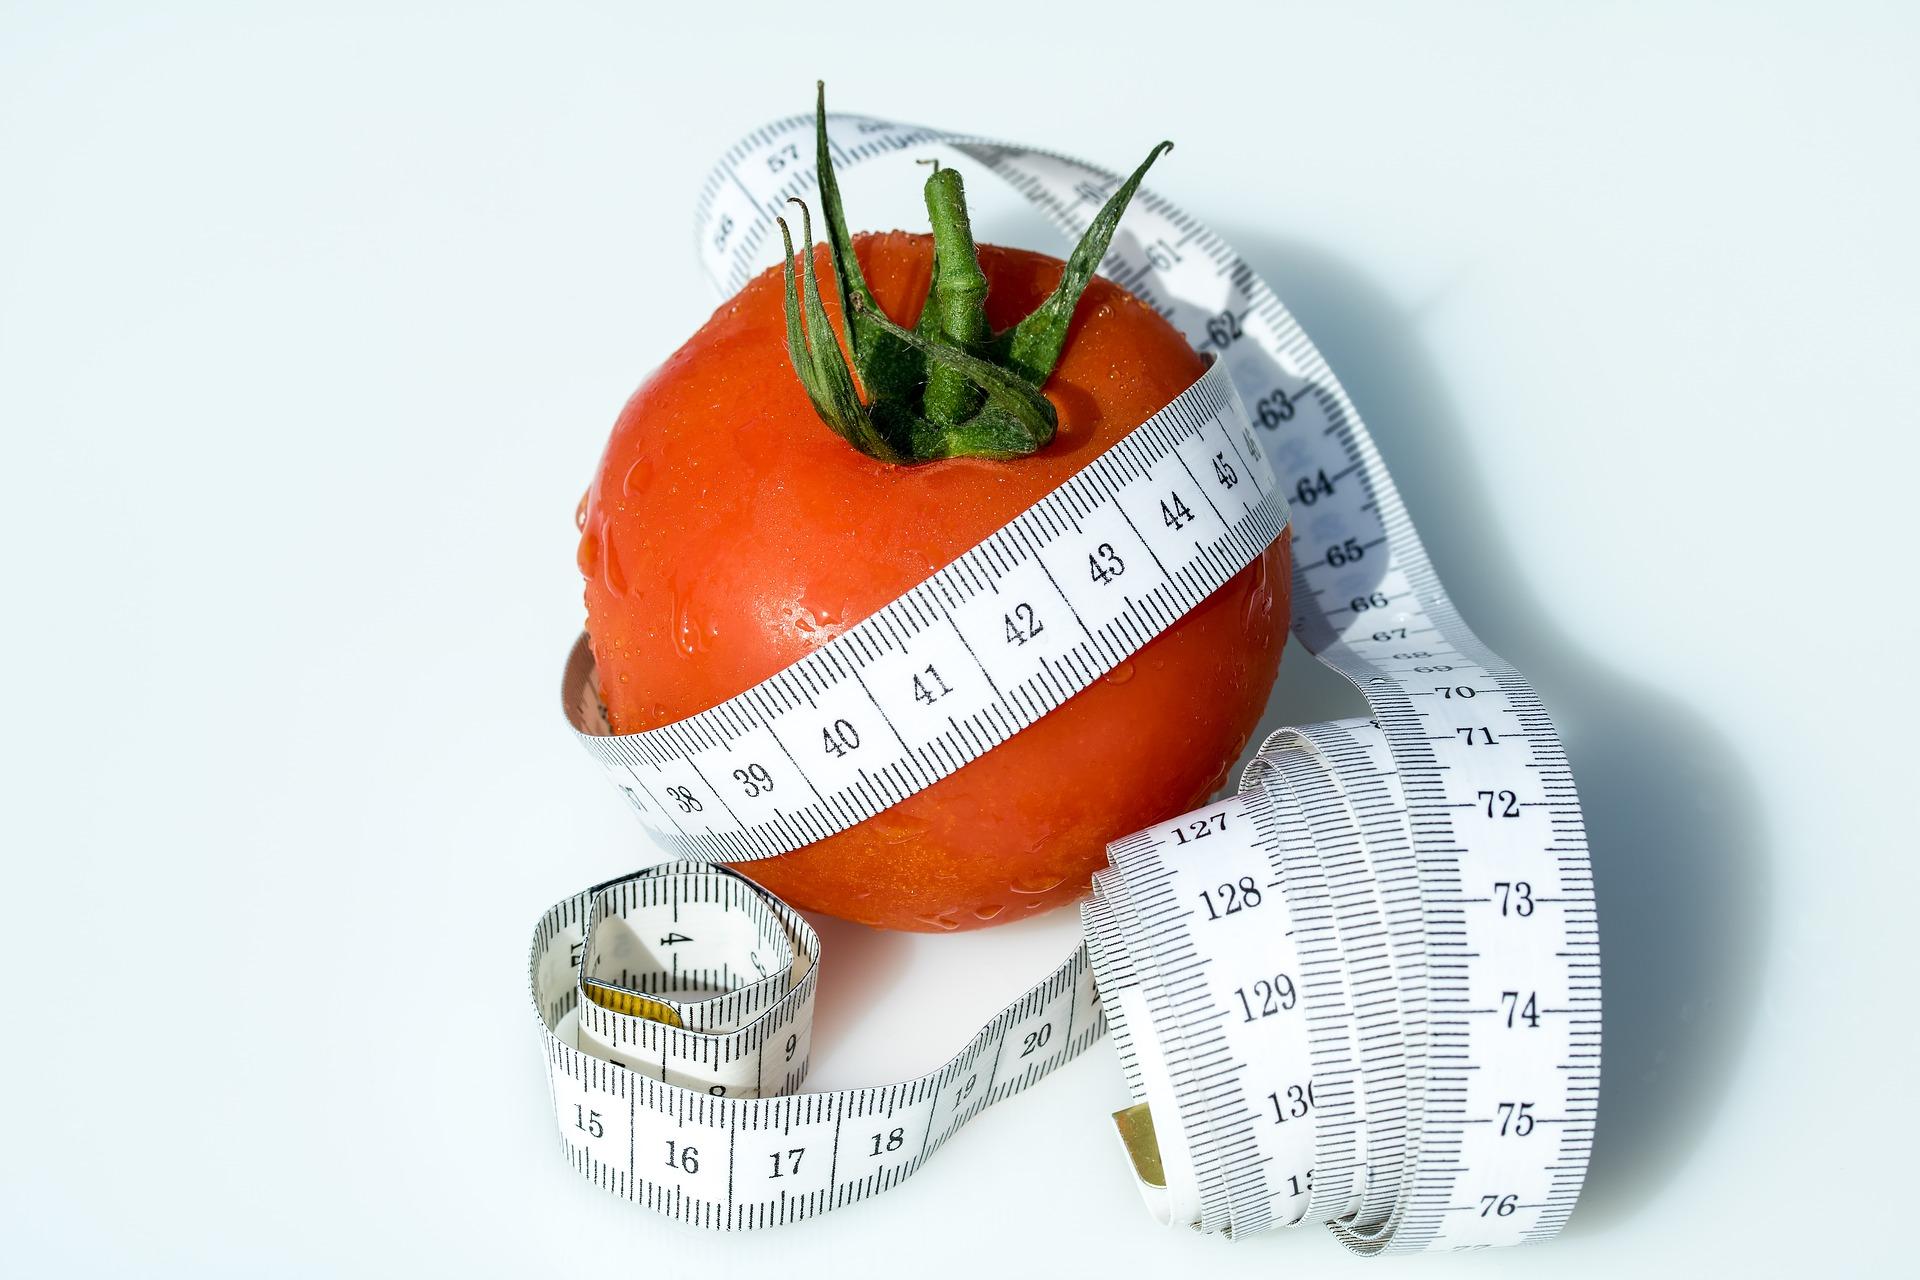 Hvorfor skrive om mit vægttab?